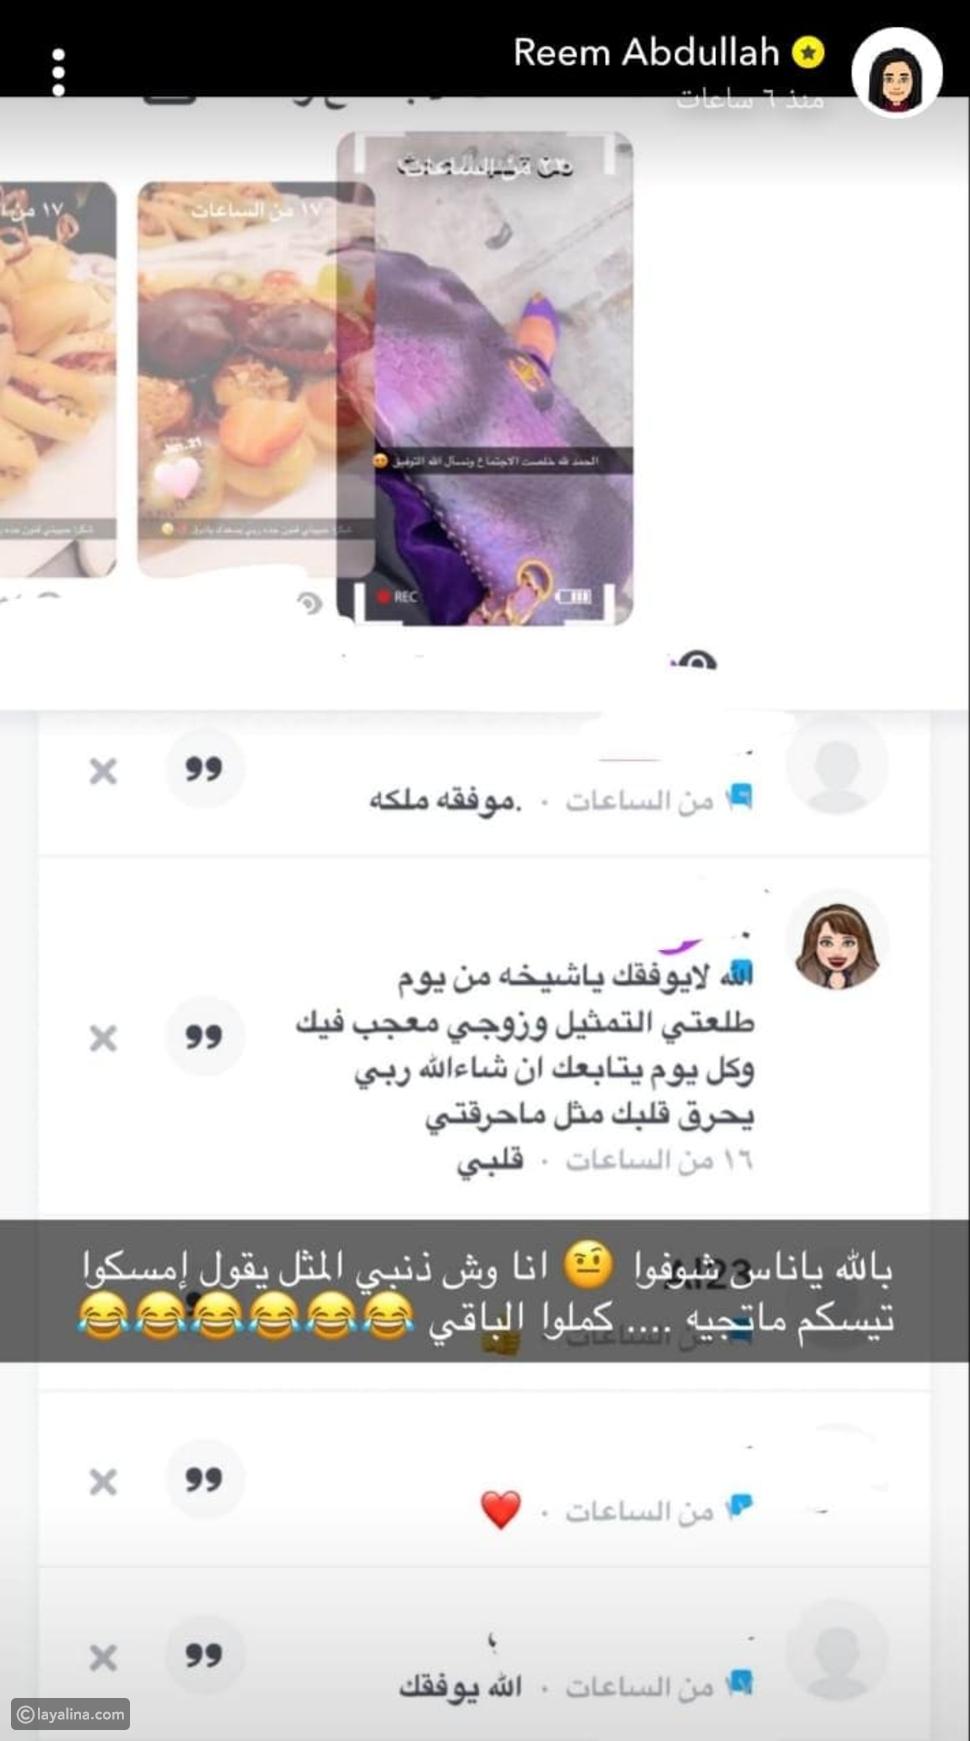 ريم عبد الله ترد على متابعة دعت عليها